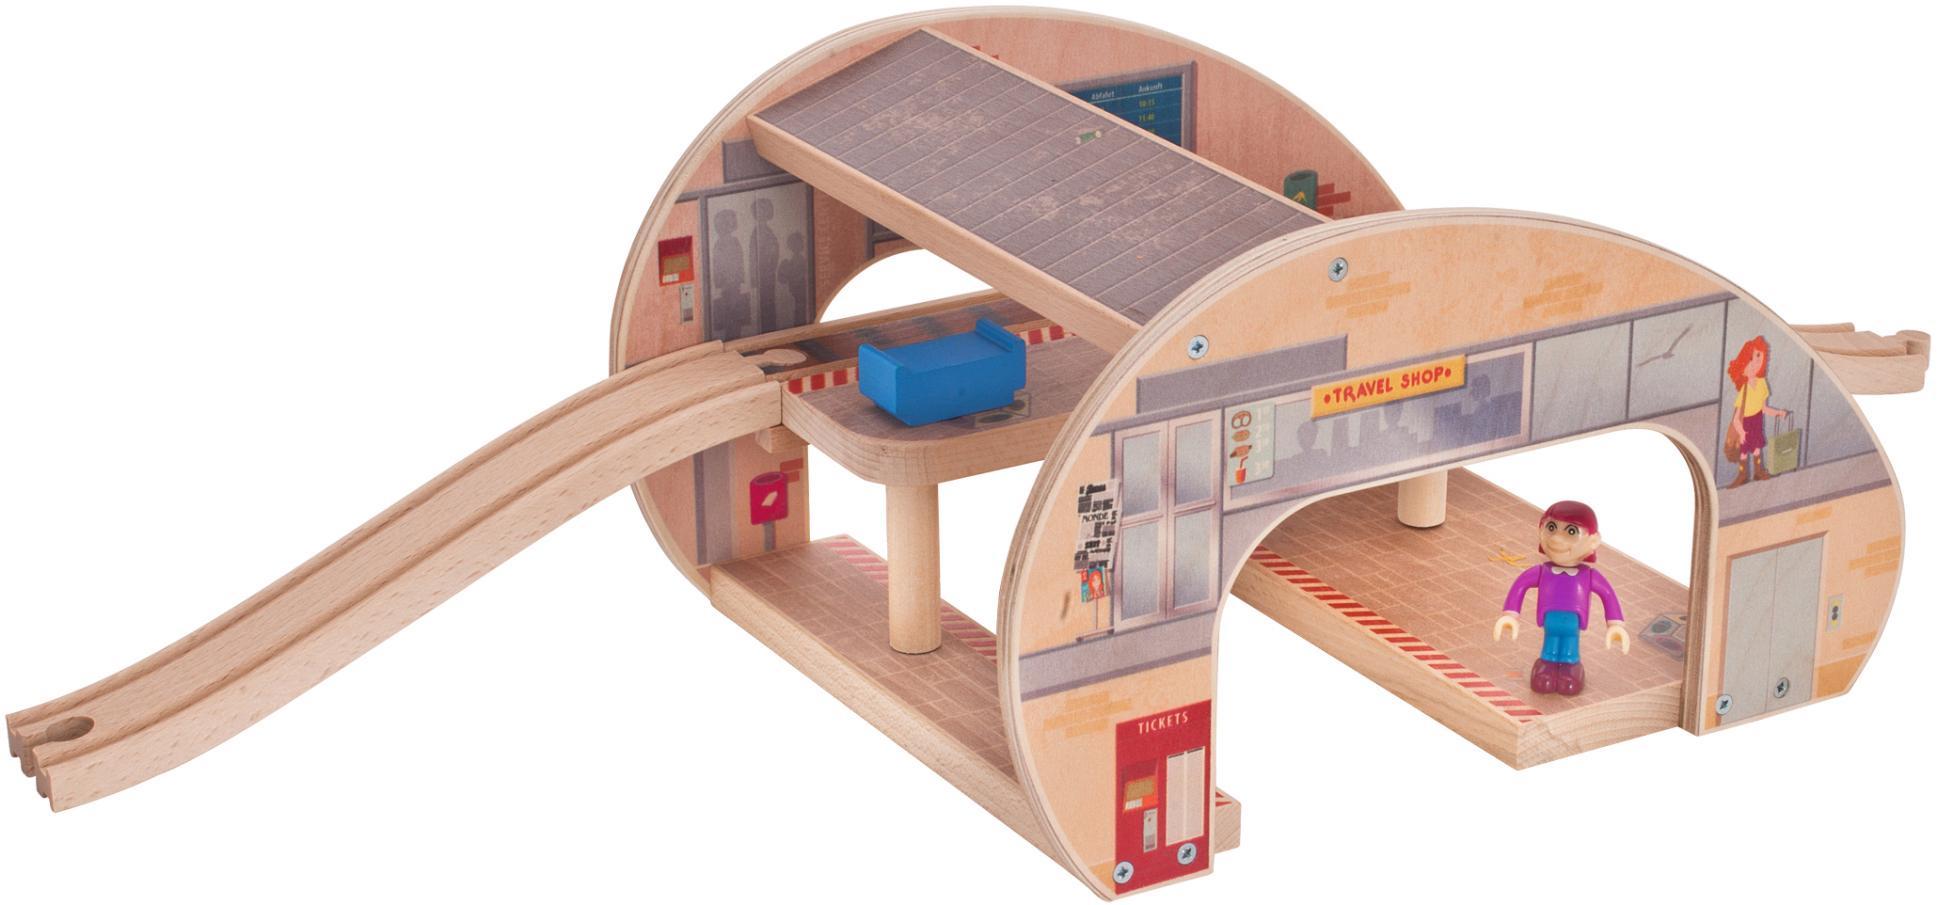 Eichhorn Schienenbahnset aus Holz, »Großer Bahn...